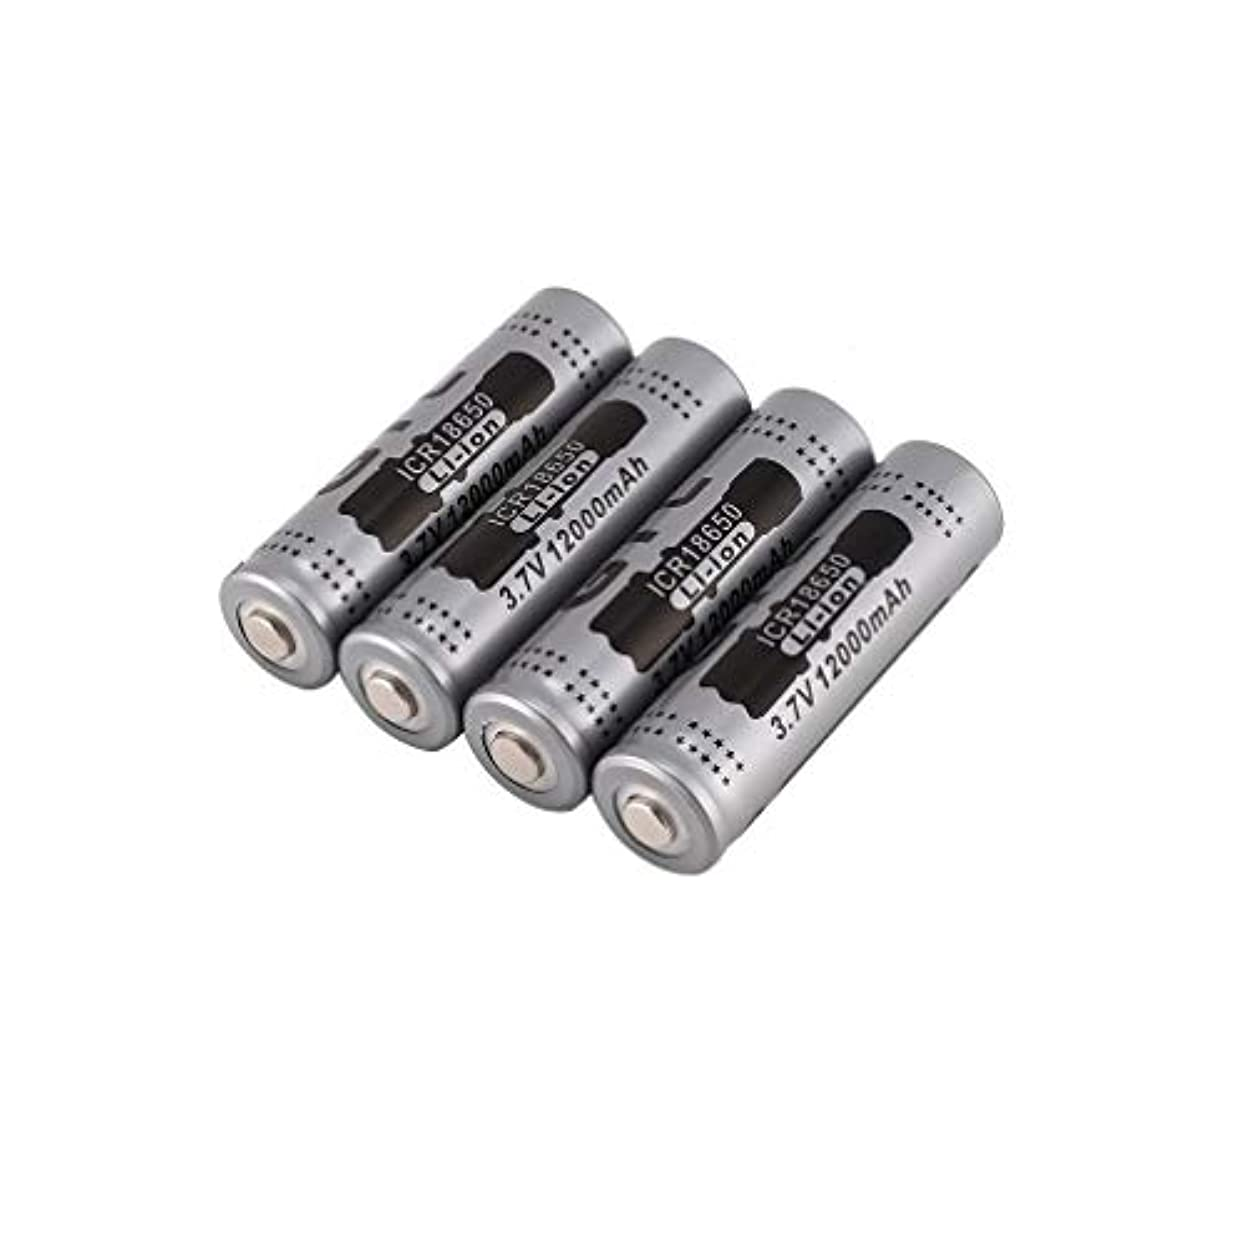 補体可能性賭け18650バッテリー、3.7V12000mAh充電式リチウムイオンバッテリー、充電器バッテリー防爆リークプルーフ高い人気懐中電灯用の充電式リチウムバッテリー電子ツールリモートコントロール4個/カセット装 省エネと環境保護